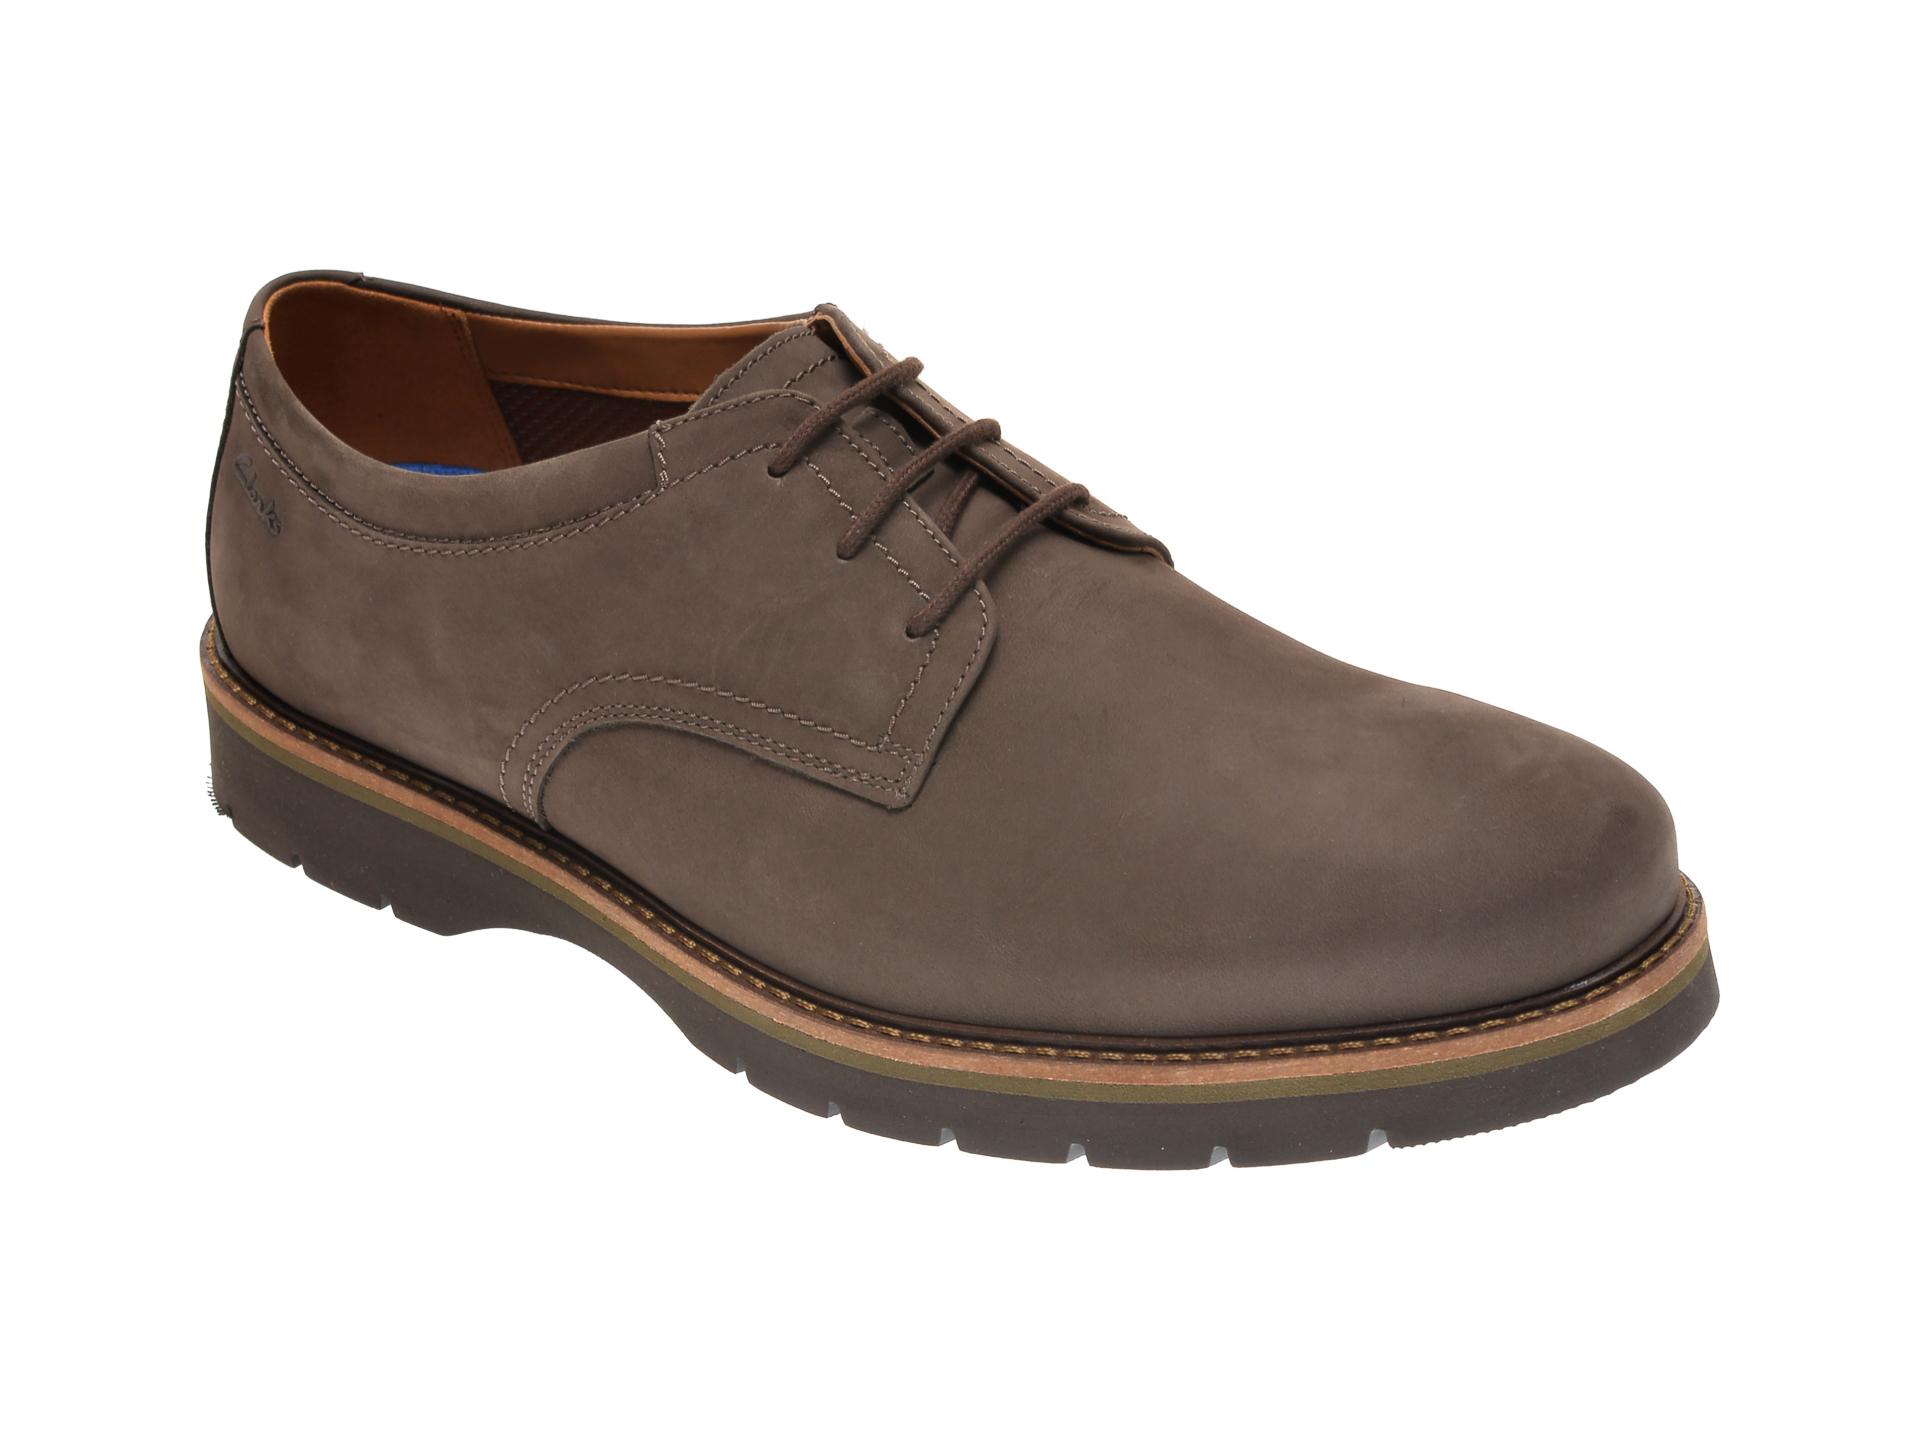 Pantofi CLARKS maro, BAYHILL PLAIN, din nabuc imagine